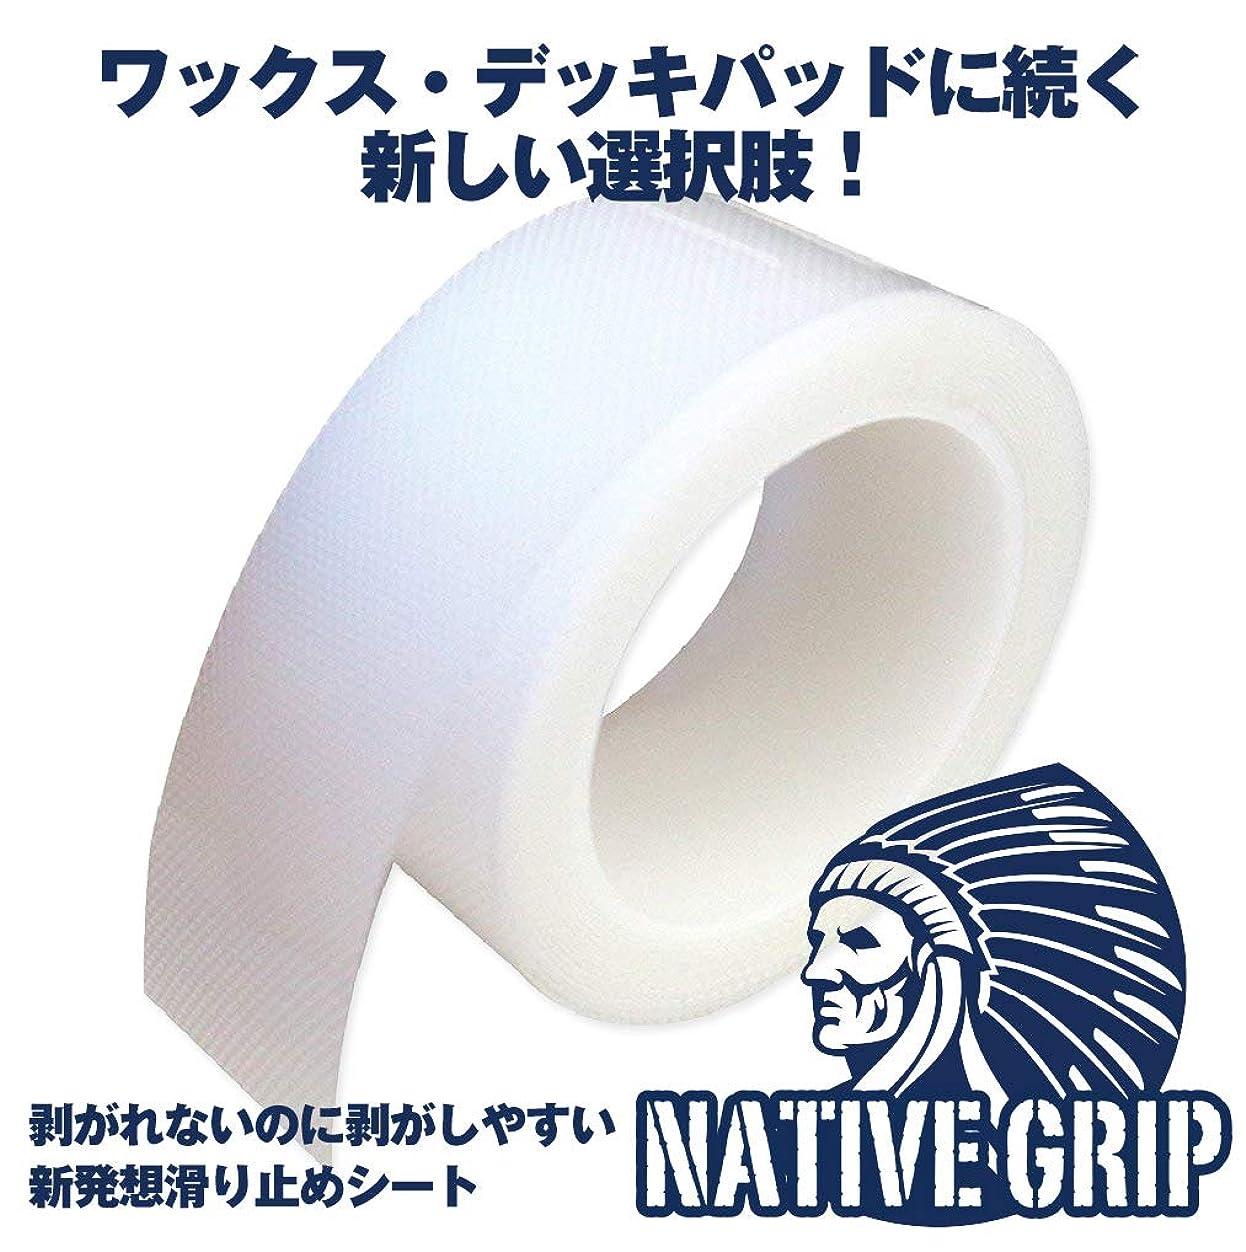 気配りのあるもちろん性格NativeGrip テープ 5cm×5m SUP?サーフィン デッキ滑り止めテープ